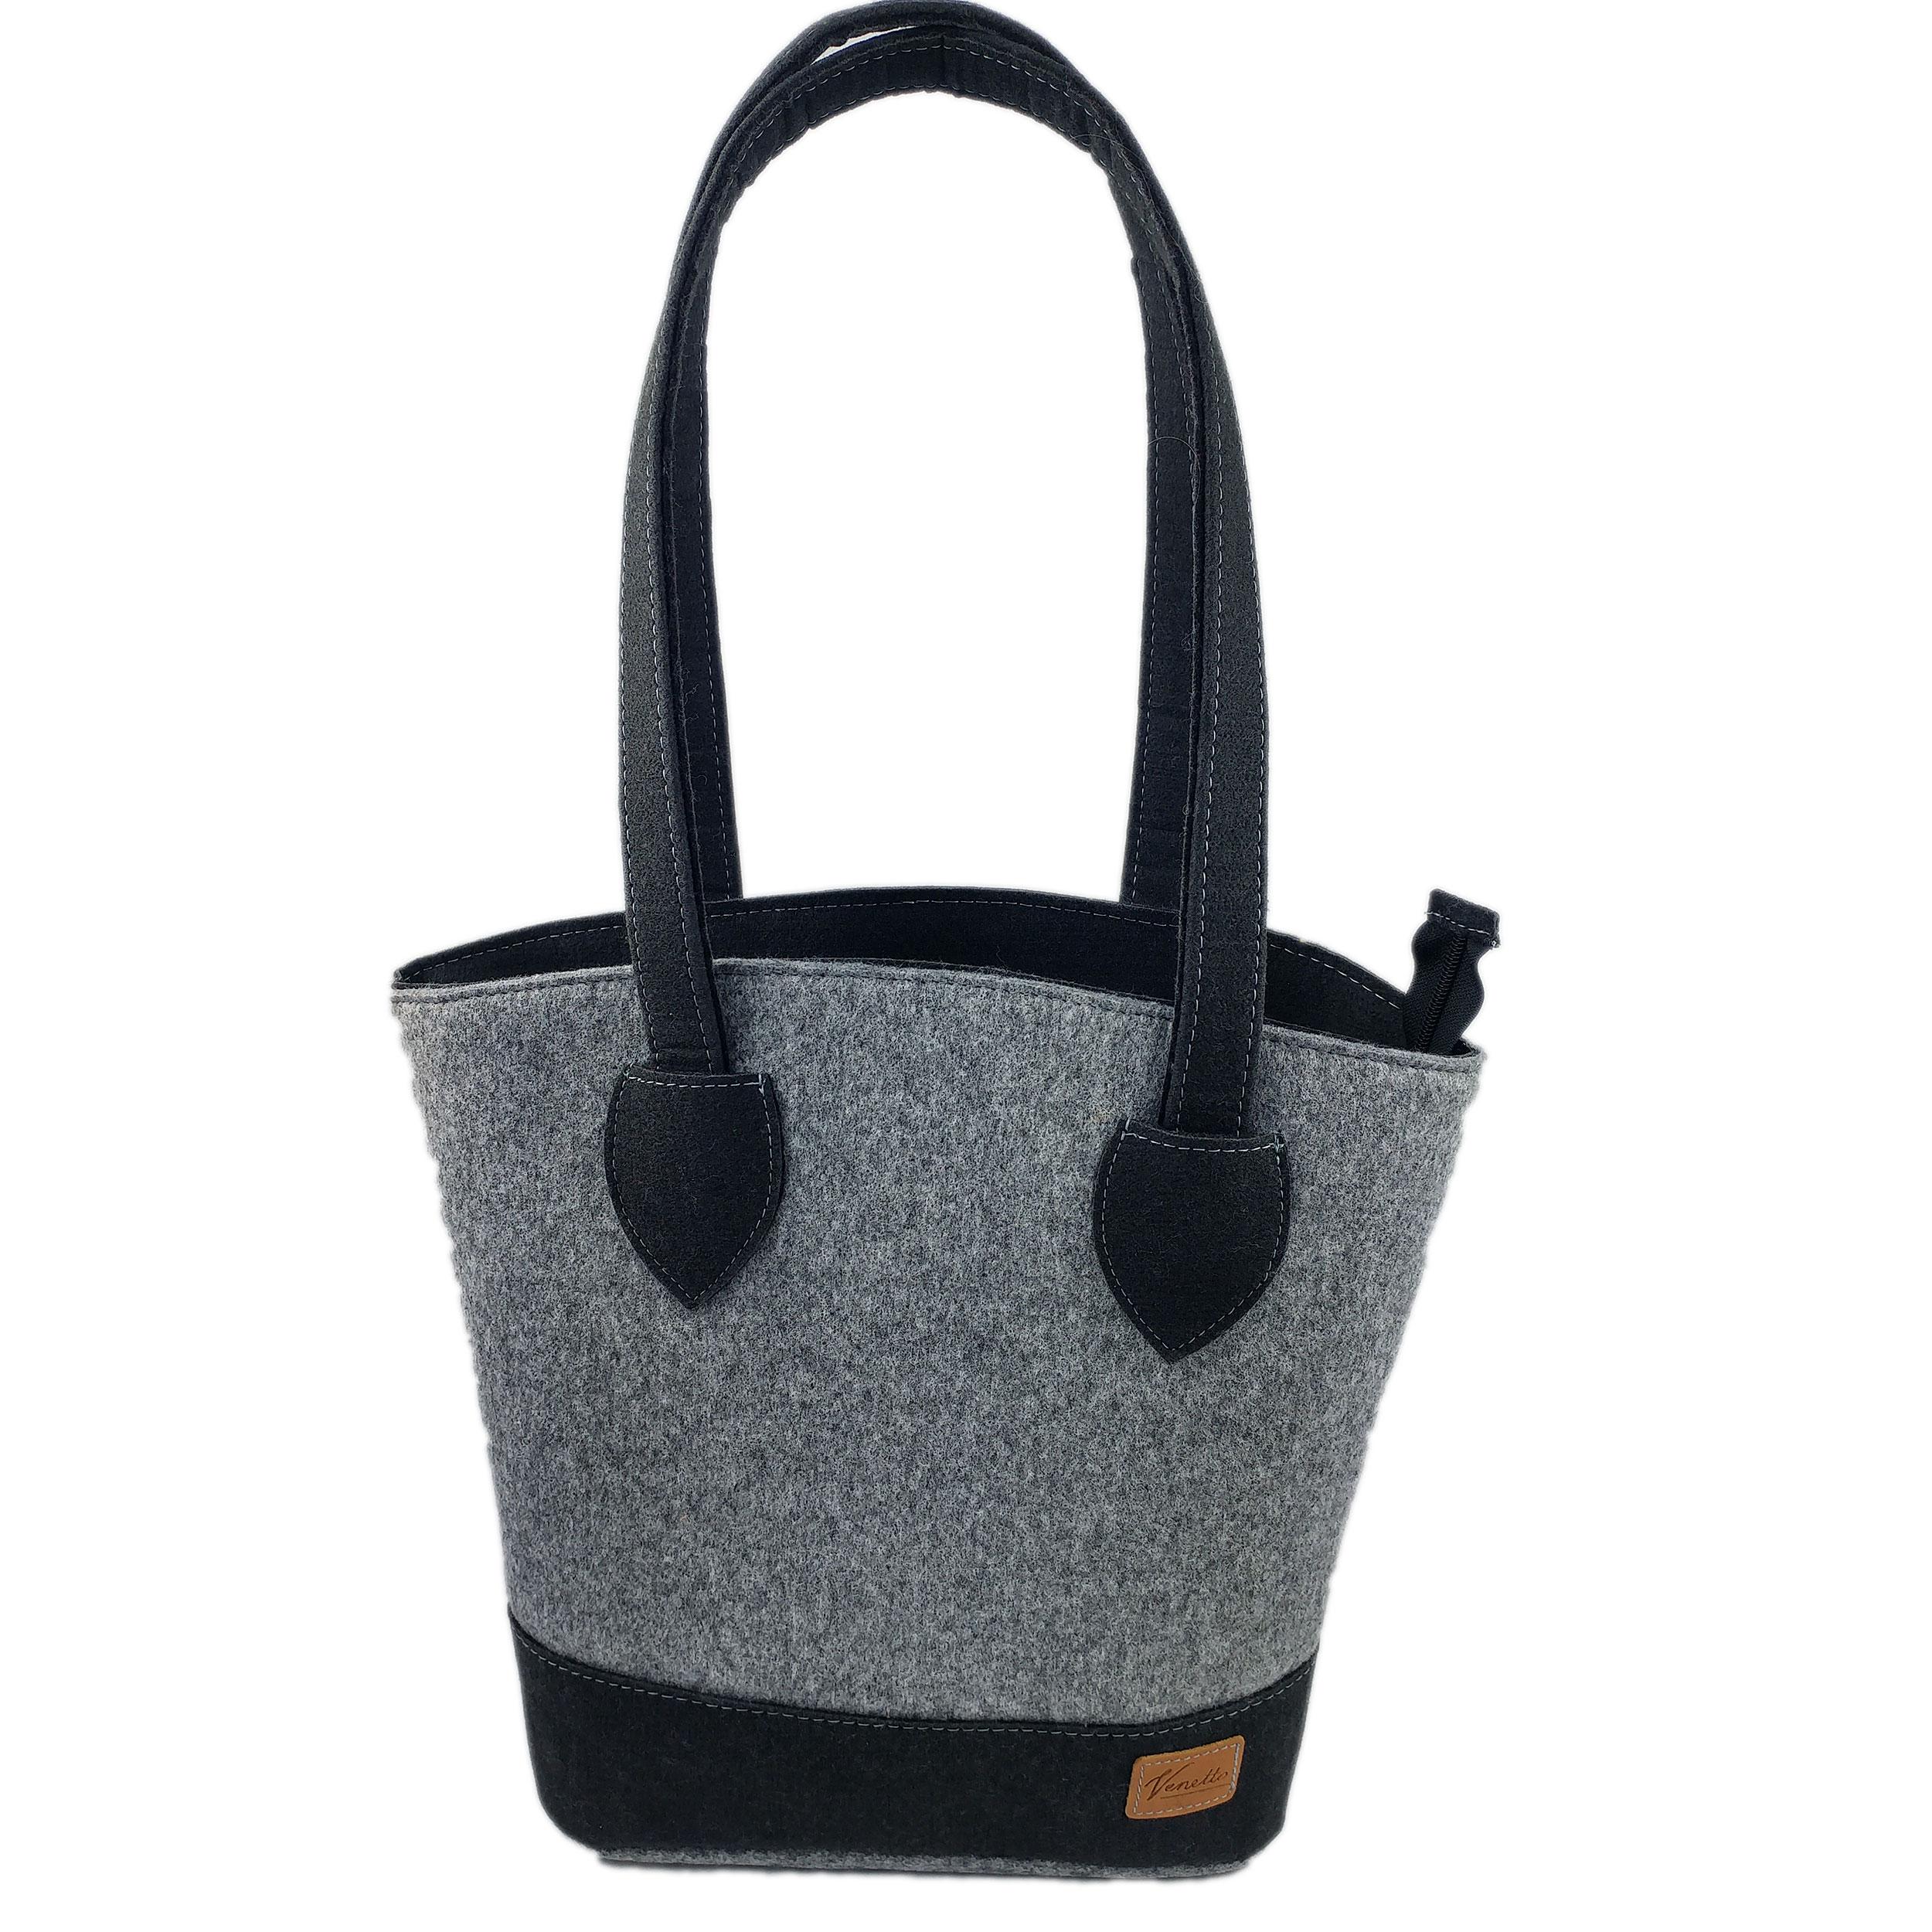 Handtasche, Damentasche, Filztasche grau schwarz handgemacht